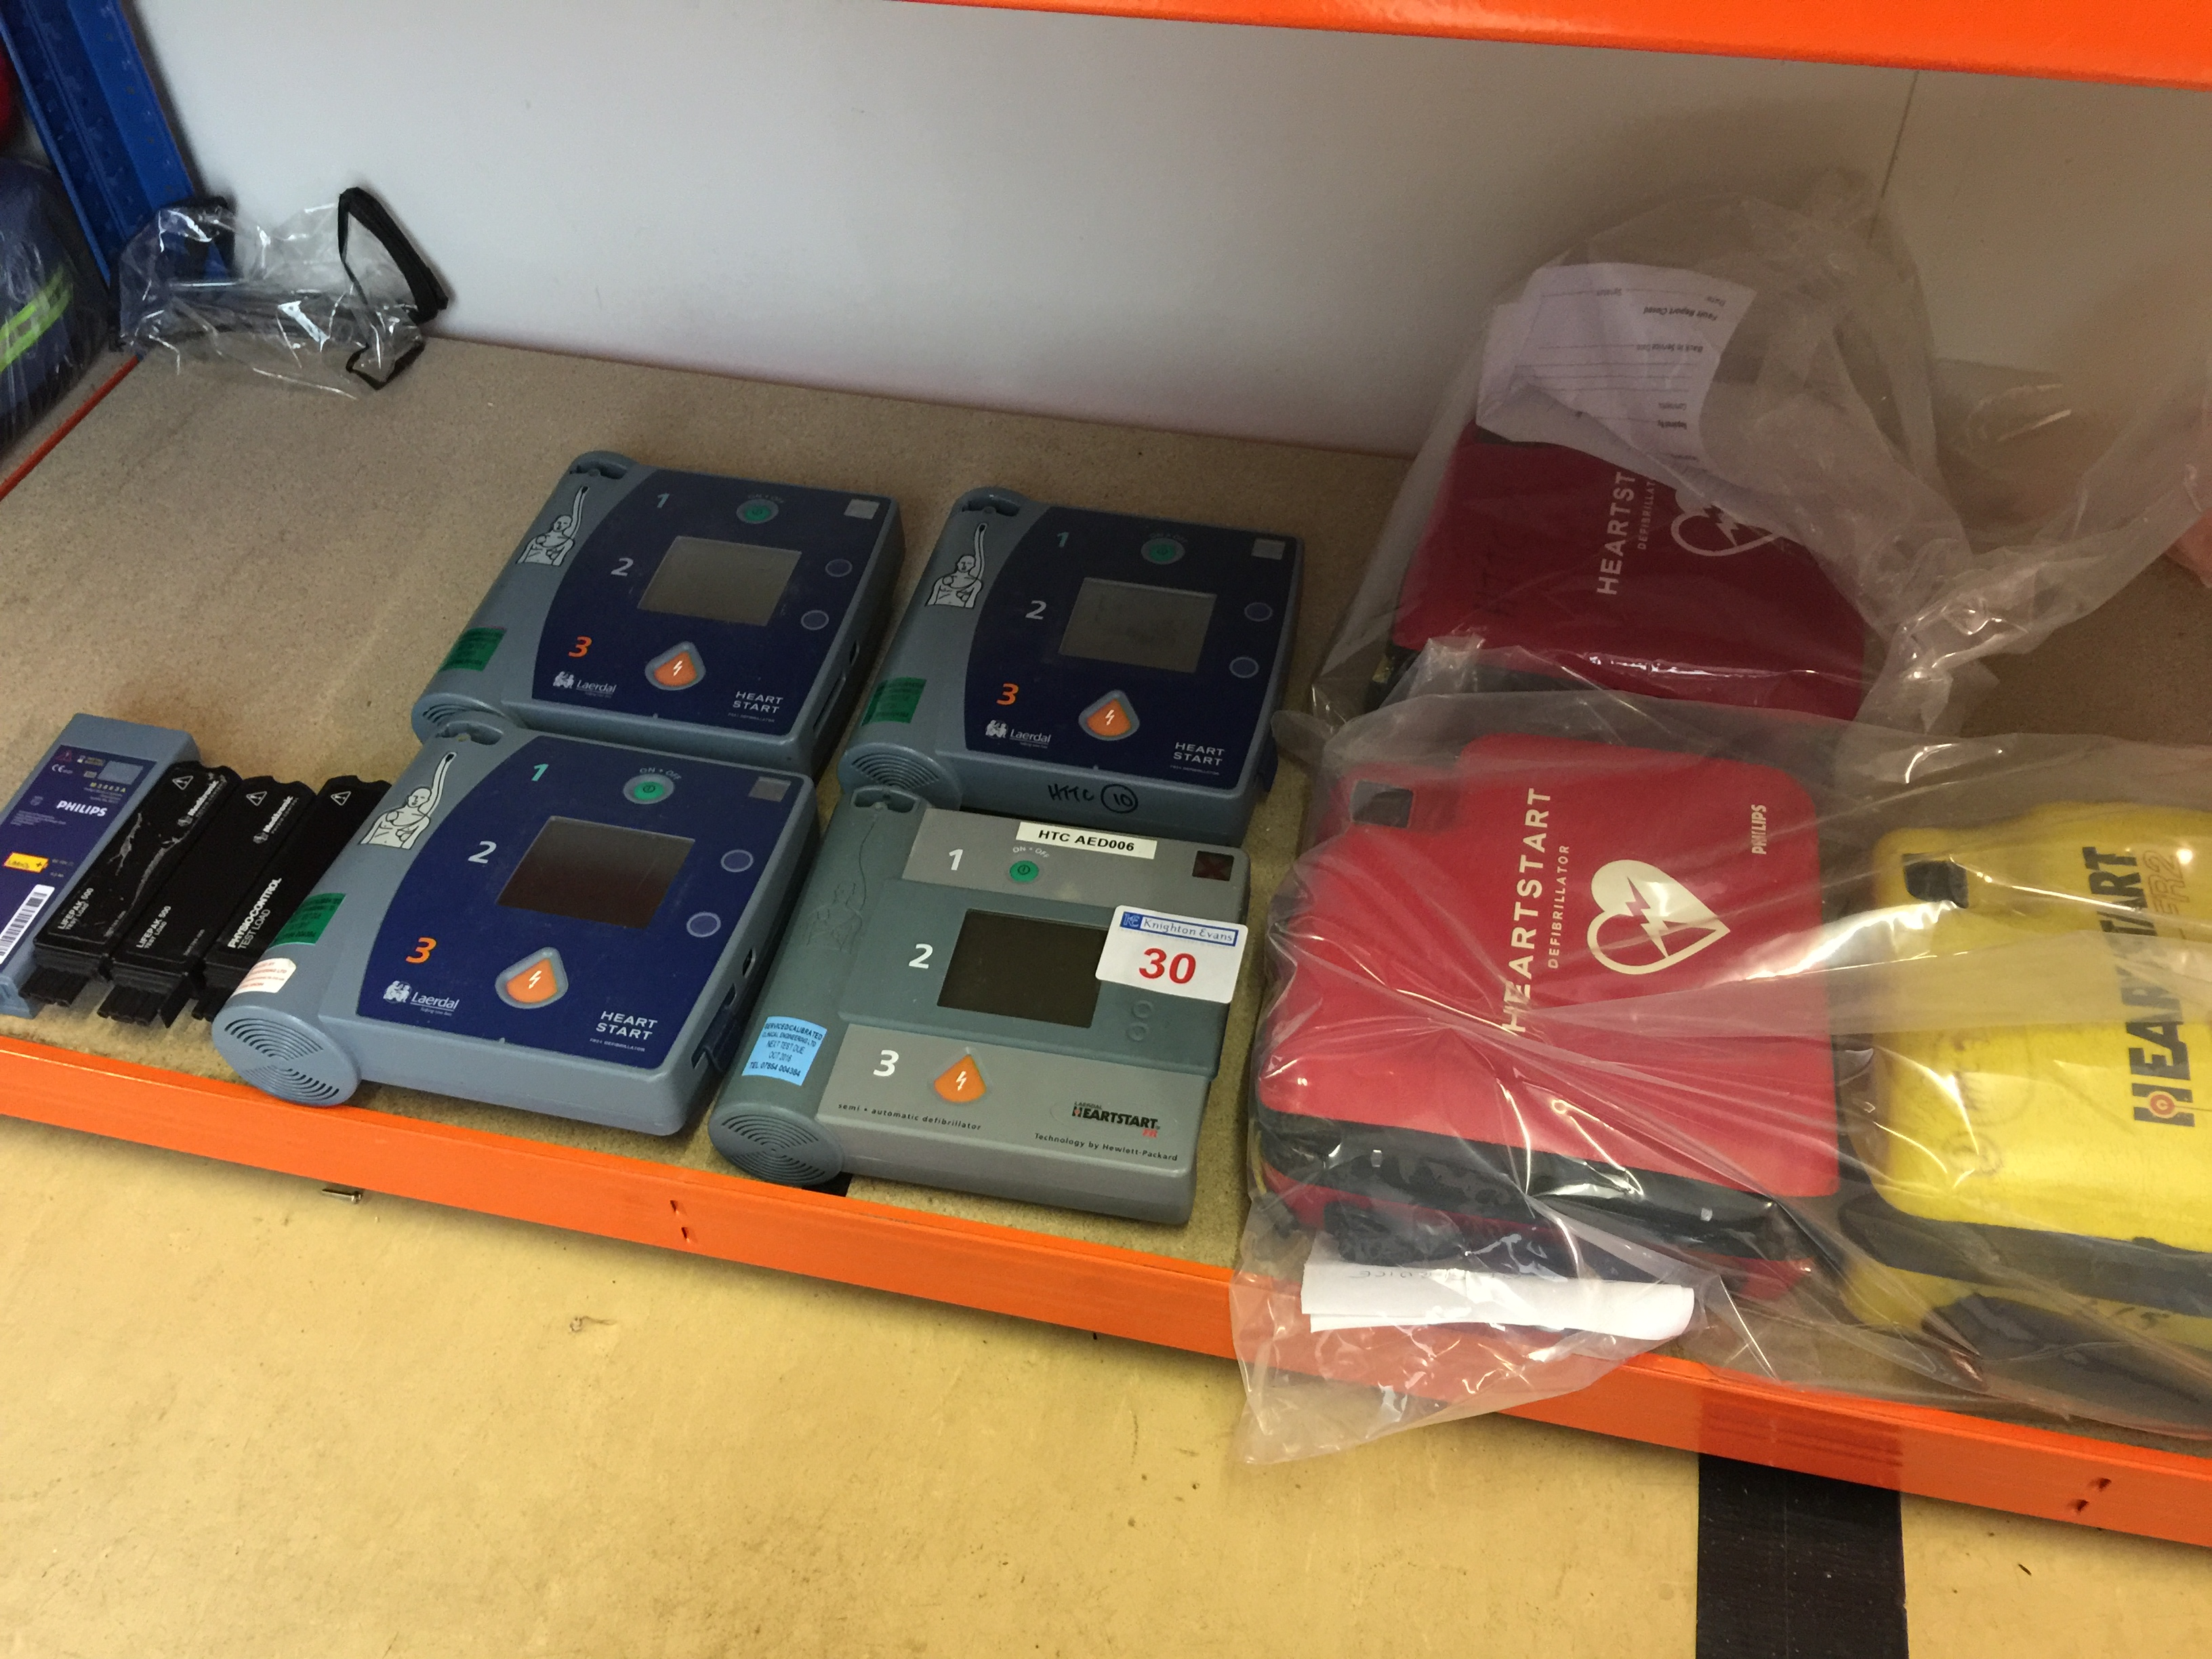 Lot 30 - 3 defibrillators and 4 heart start units